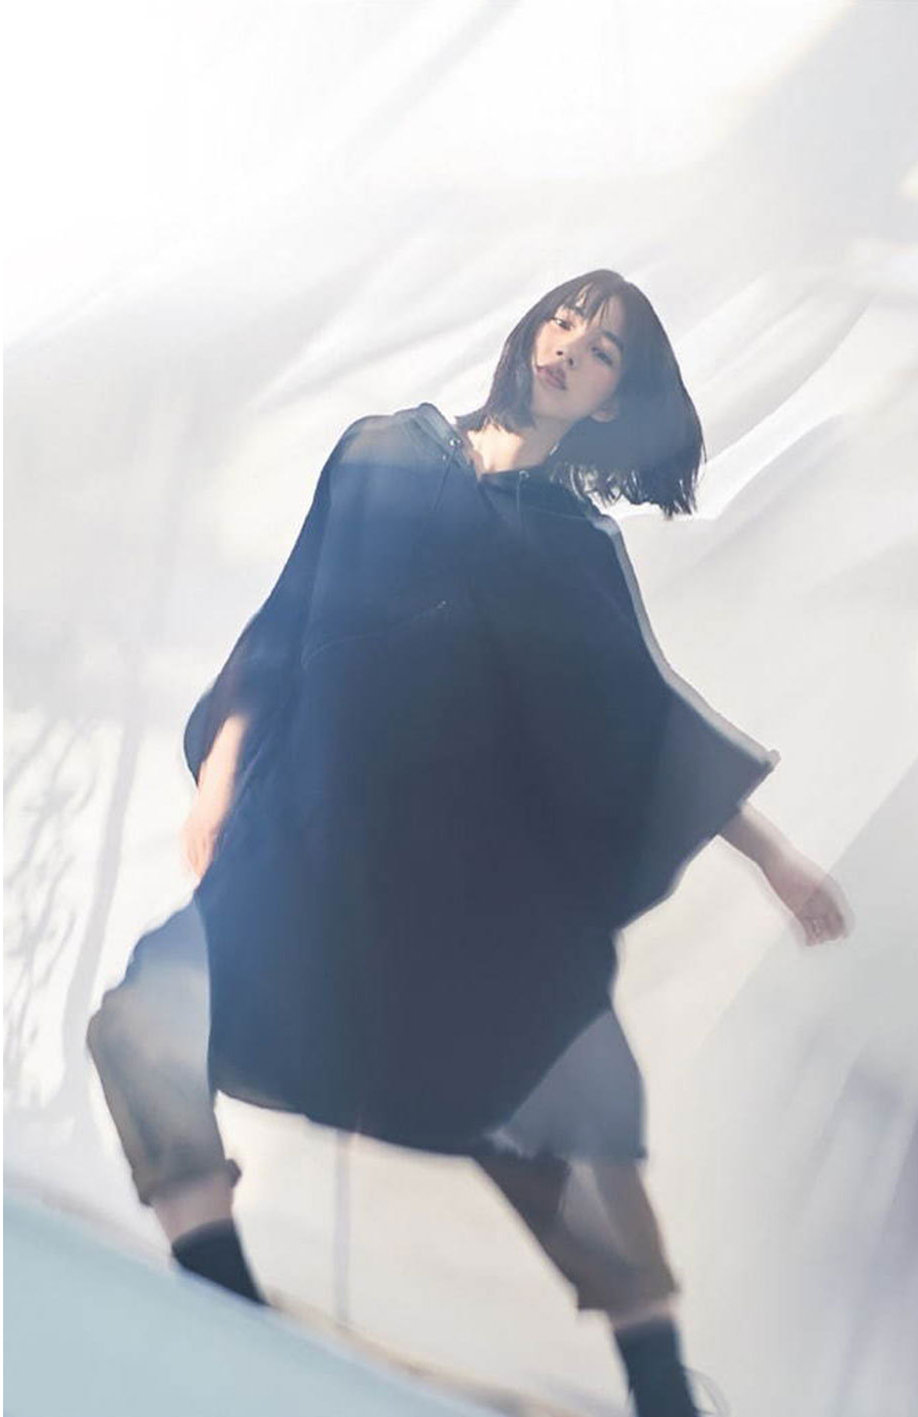 能年玲奈, 黑羽麻璃央丨Yohji Yamamoto副线GROUND Y 2020 SS_高清图集_ ...